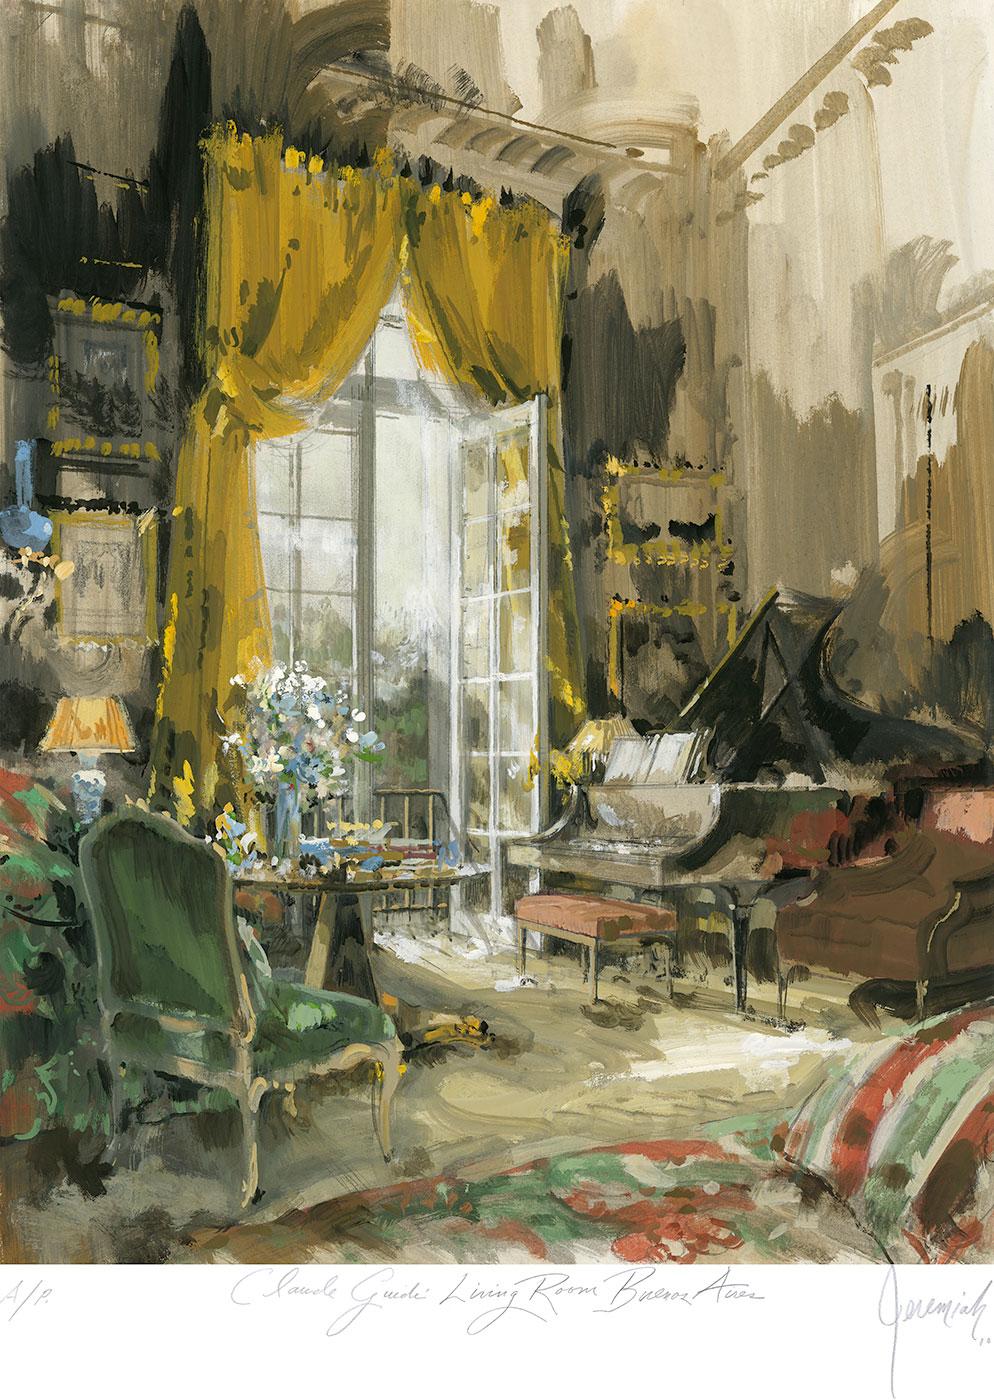 Claude Guidi's living room